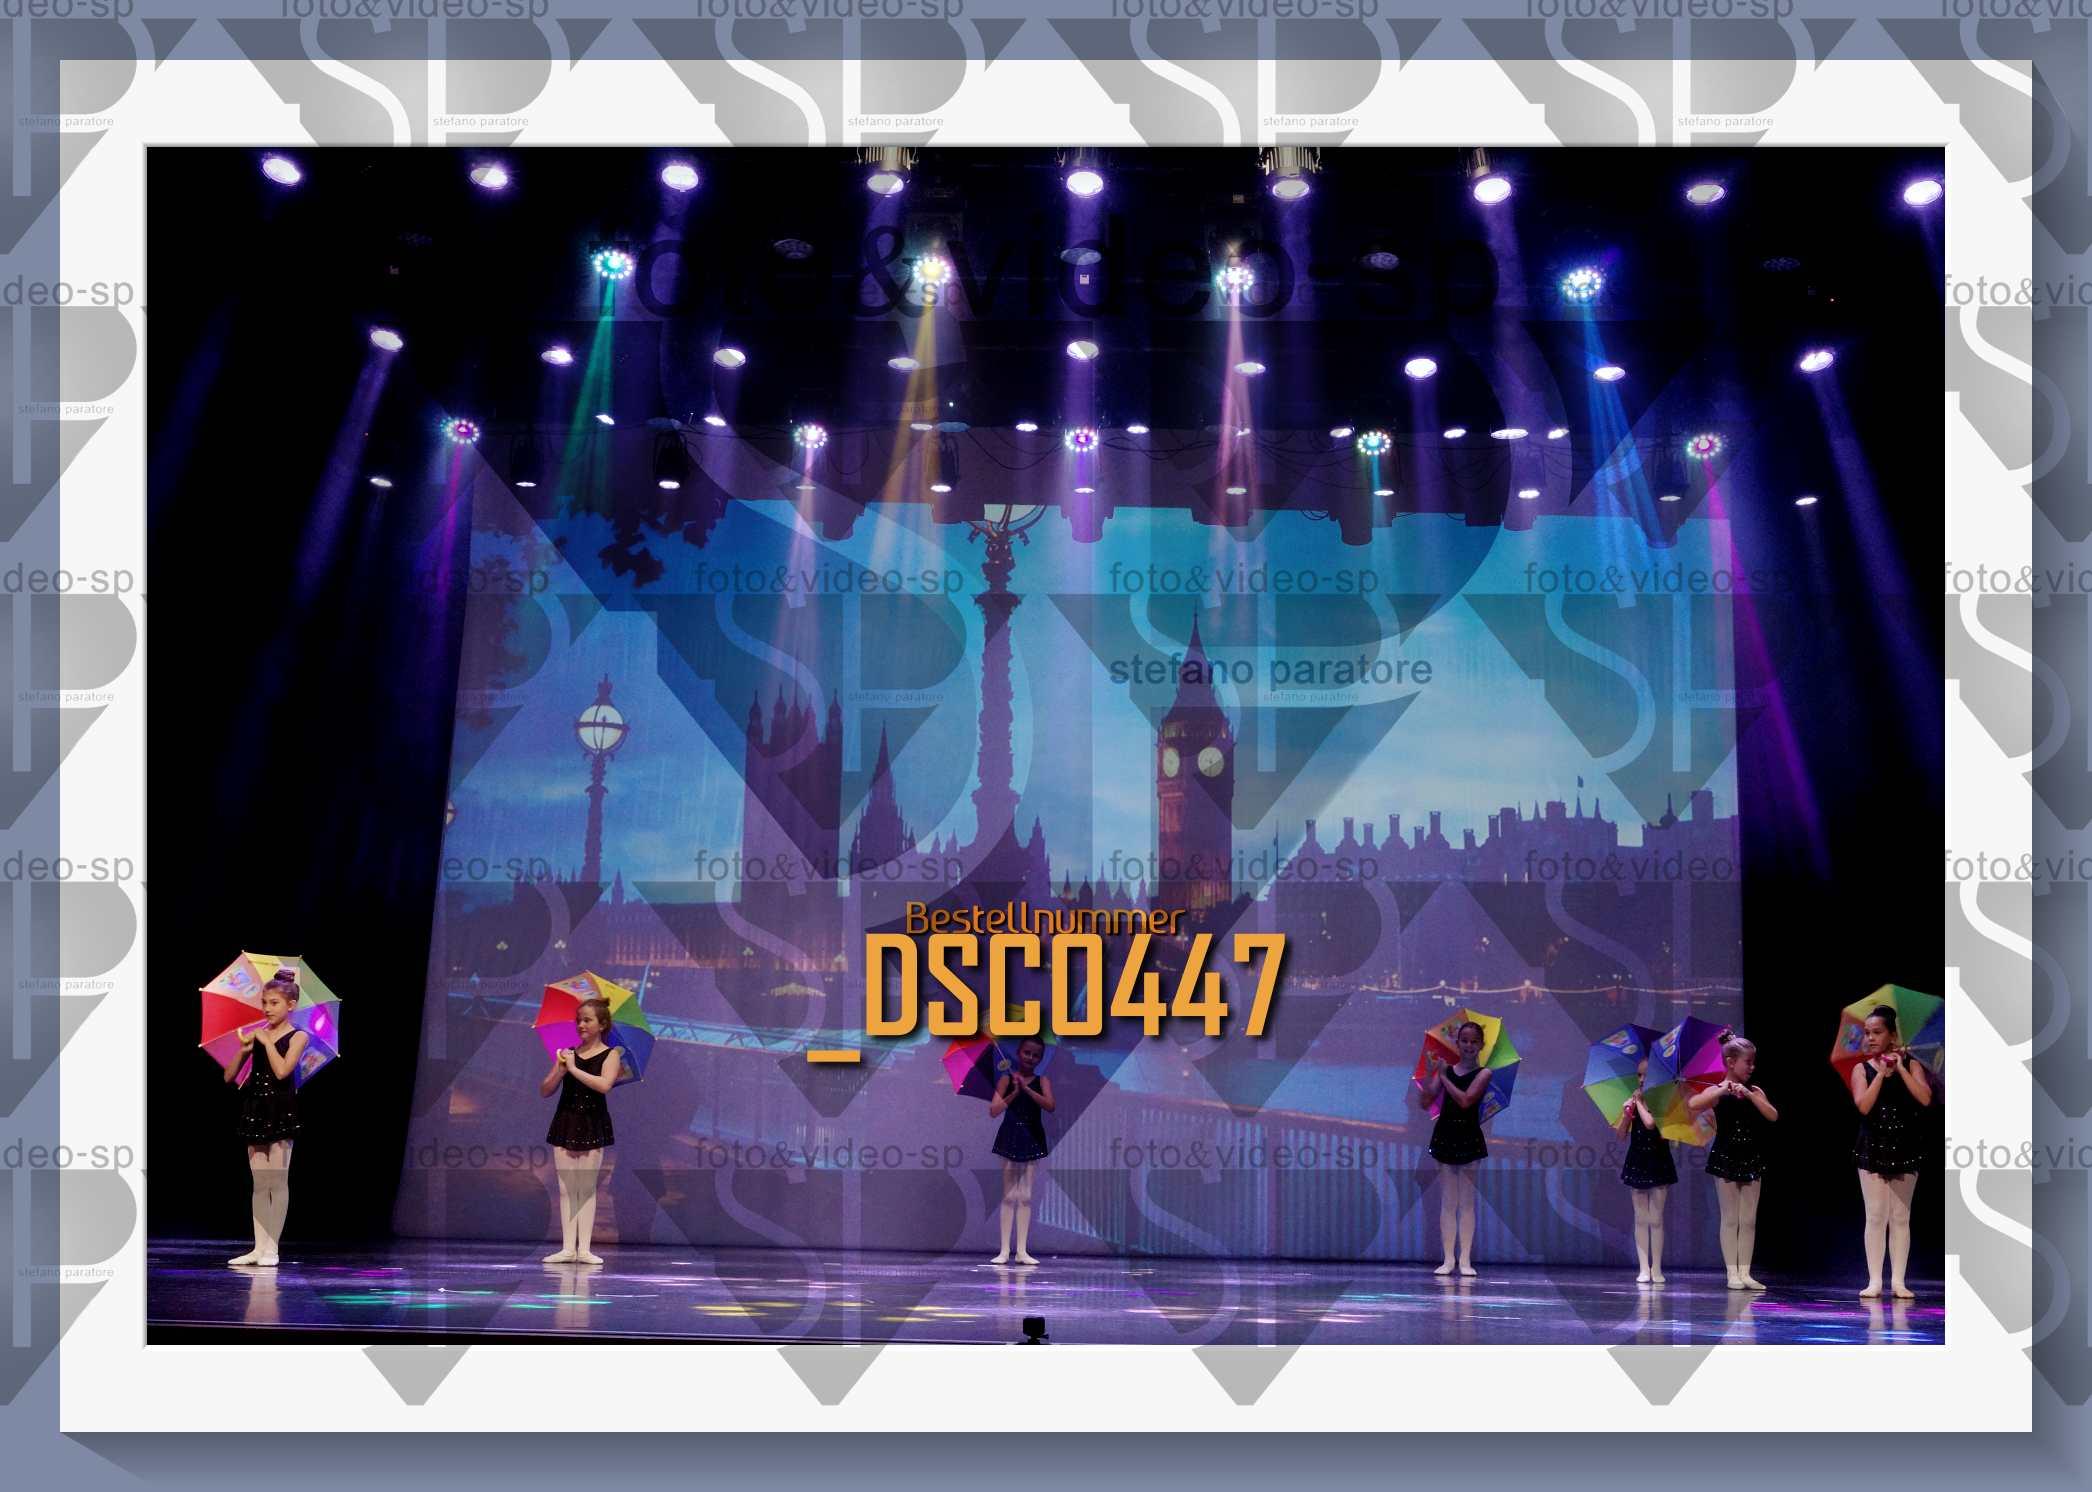 DSC0447